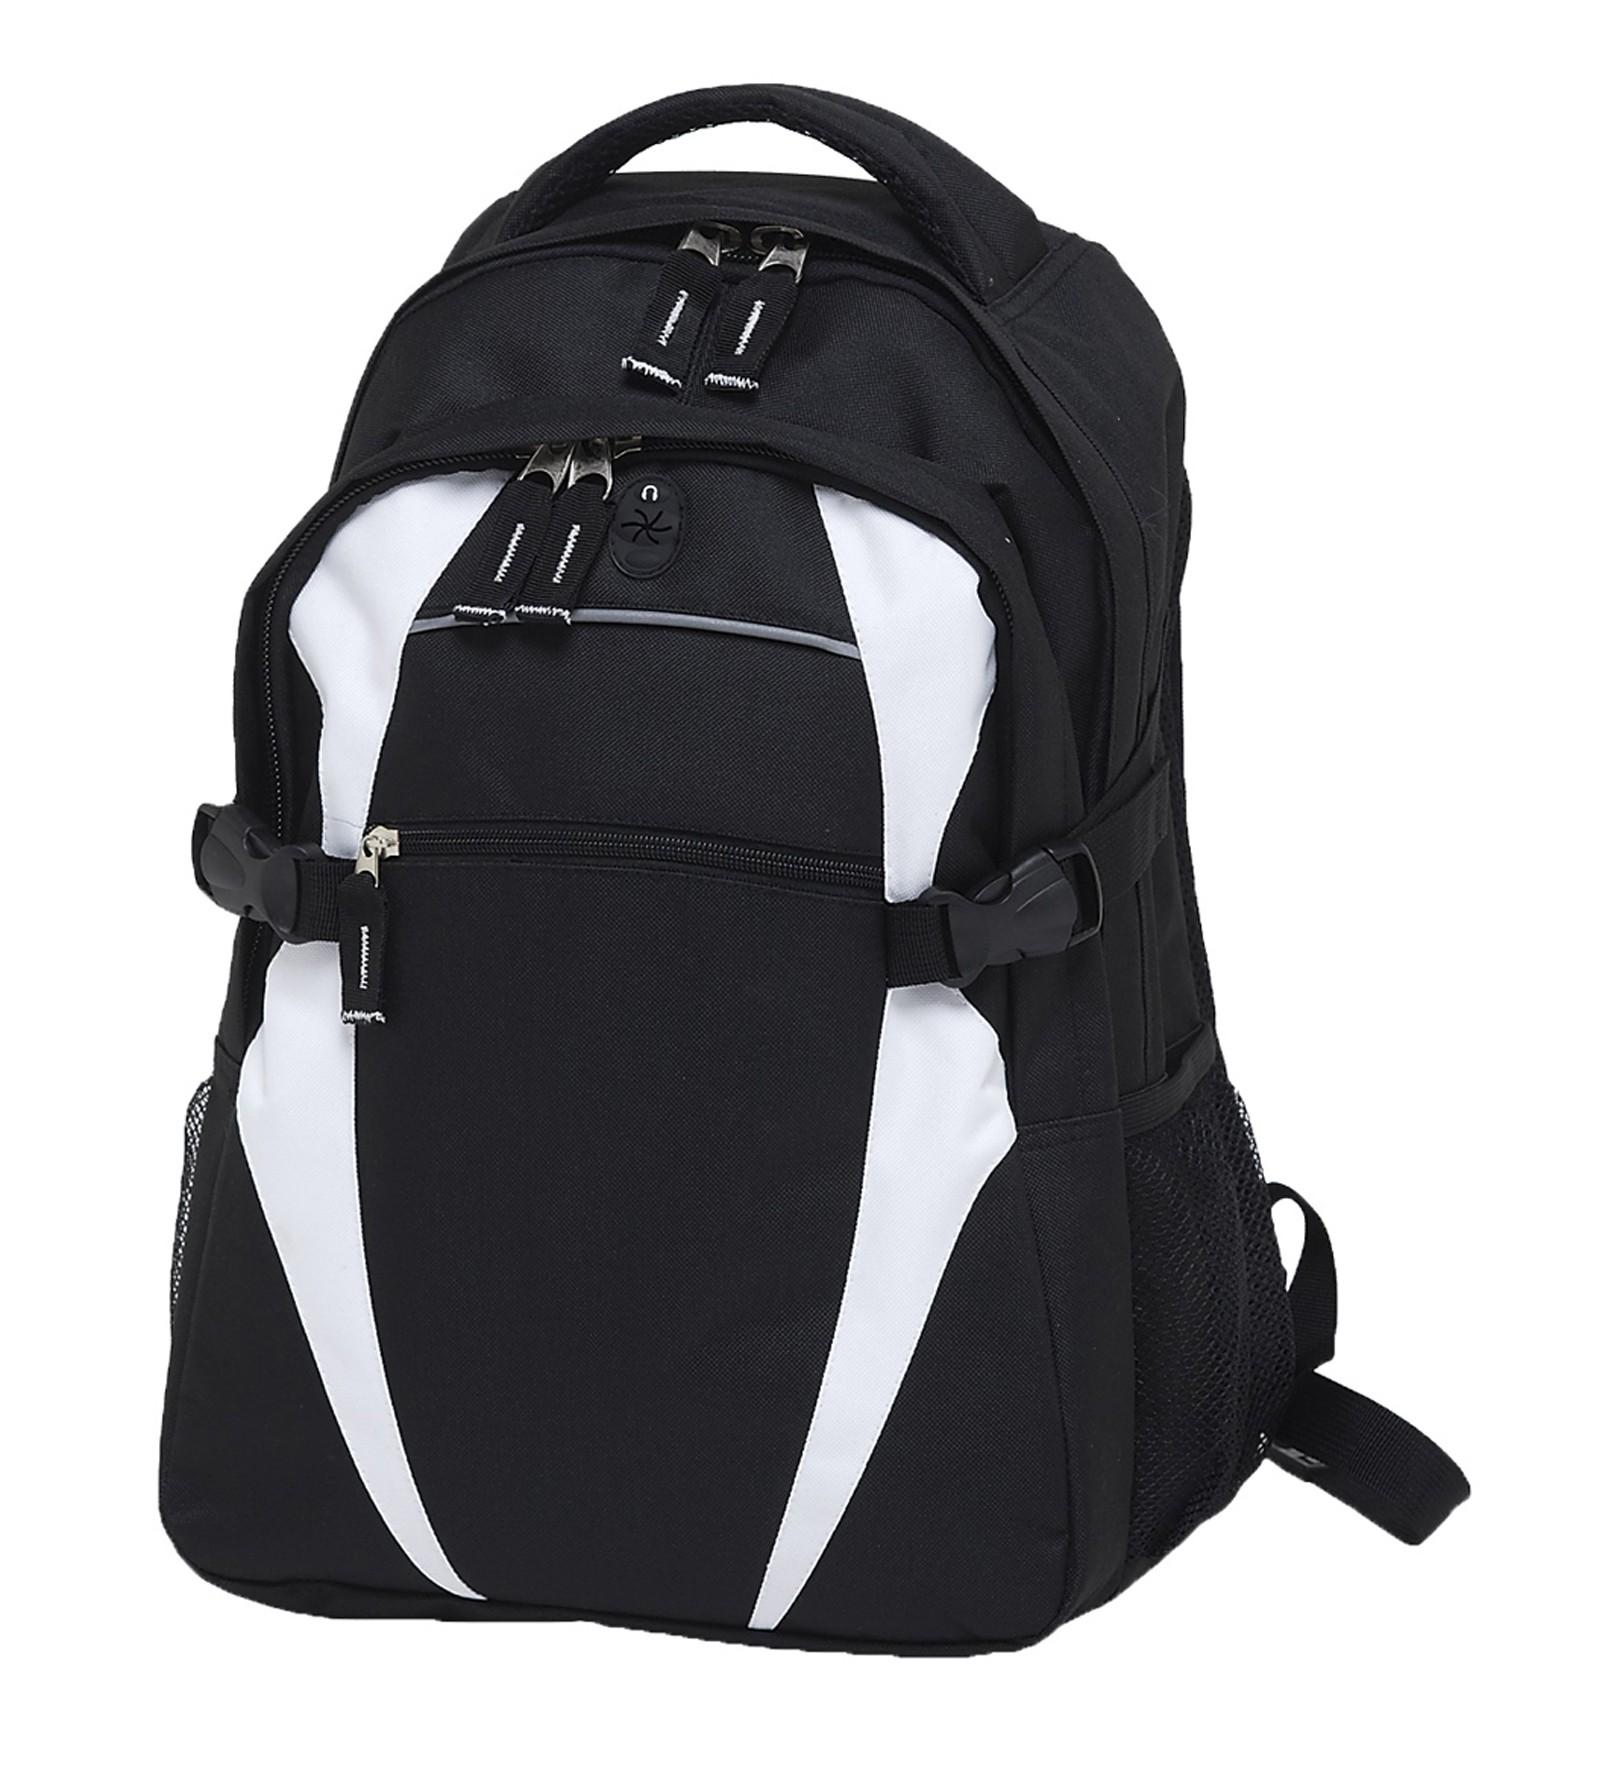 Spliced Zenith Backpack - Black & White